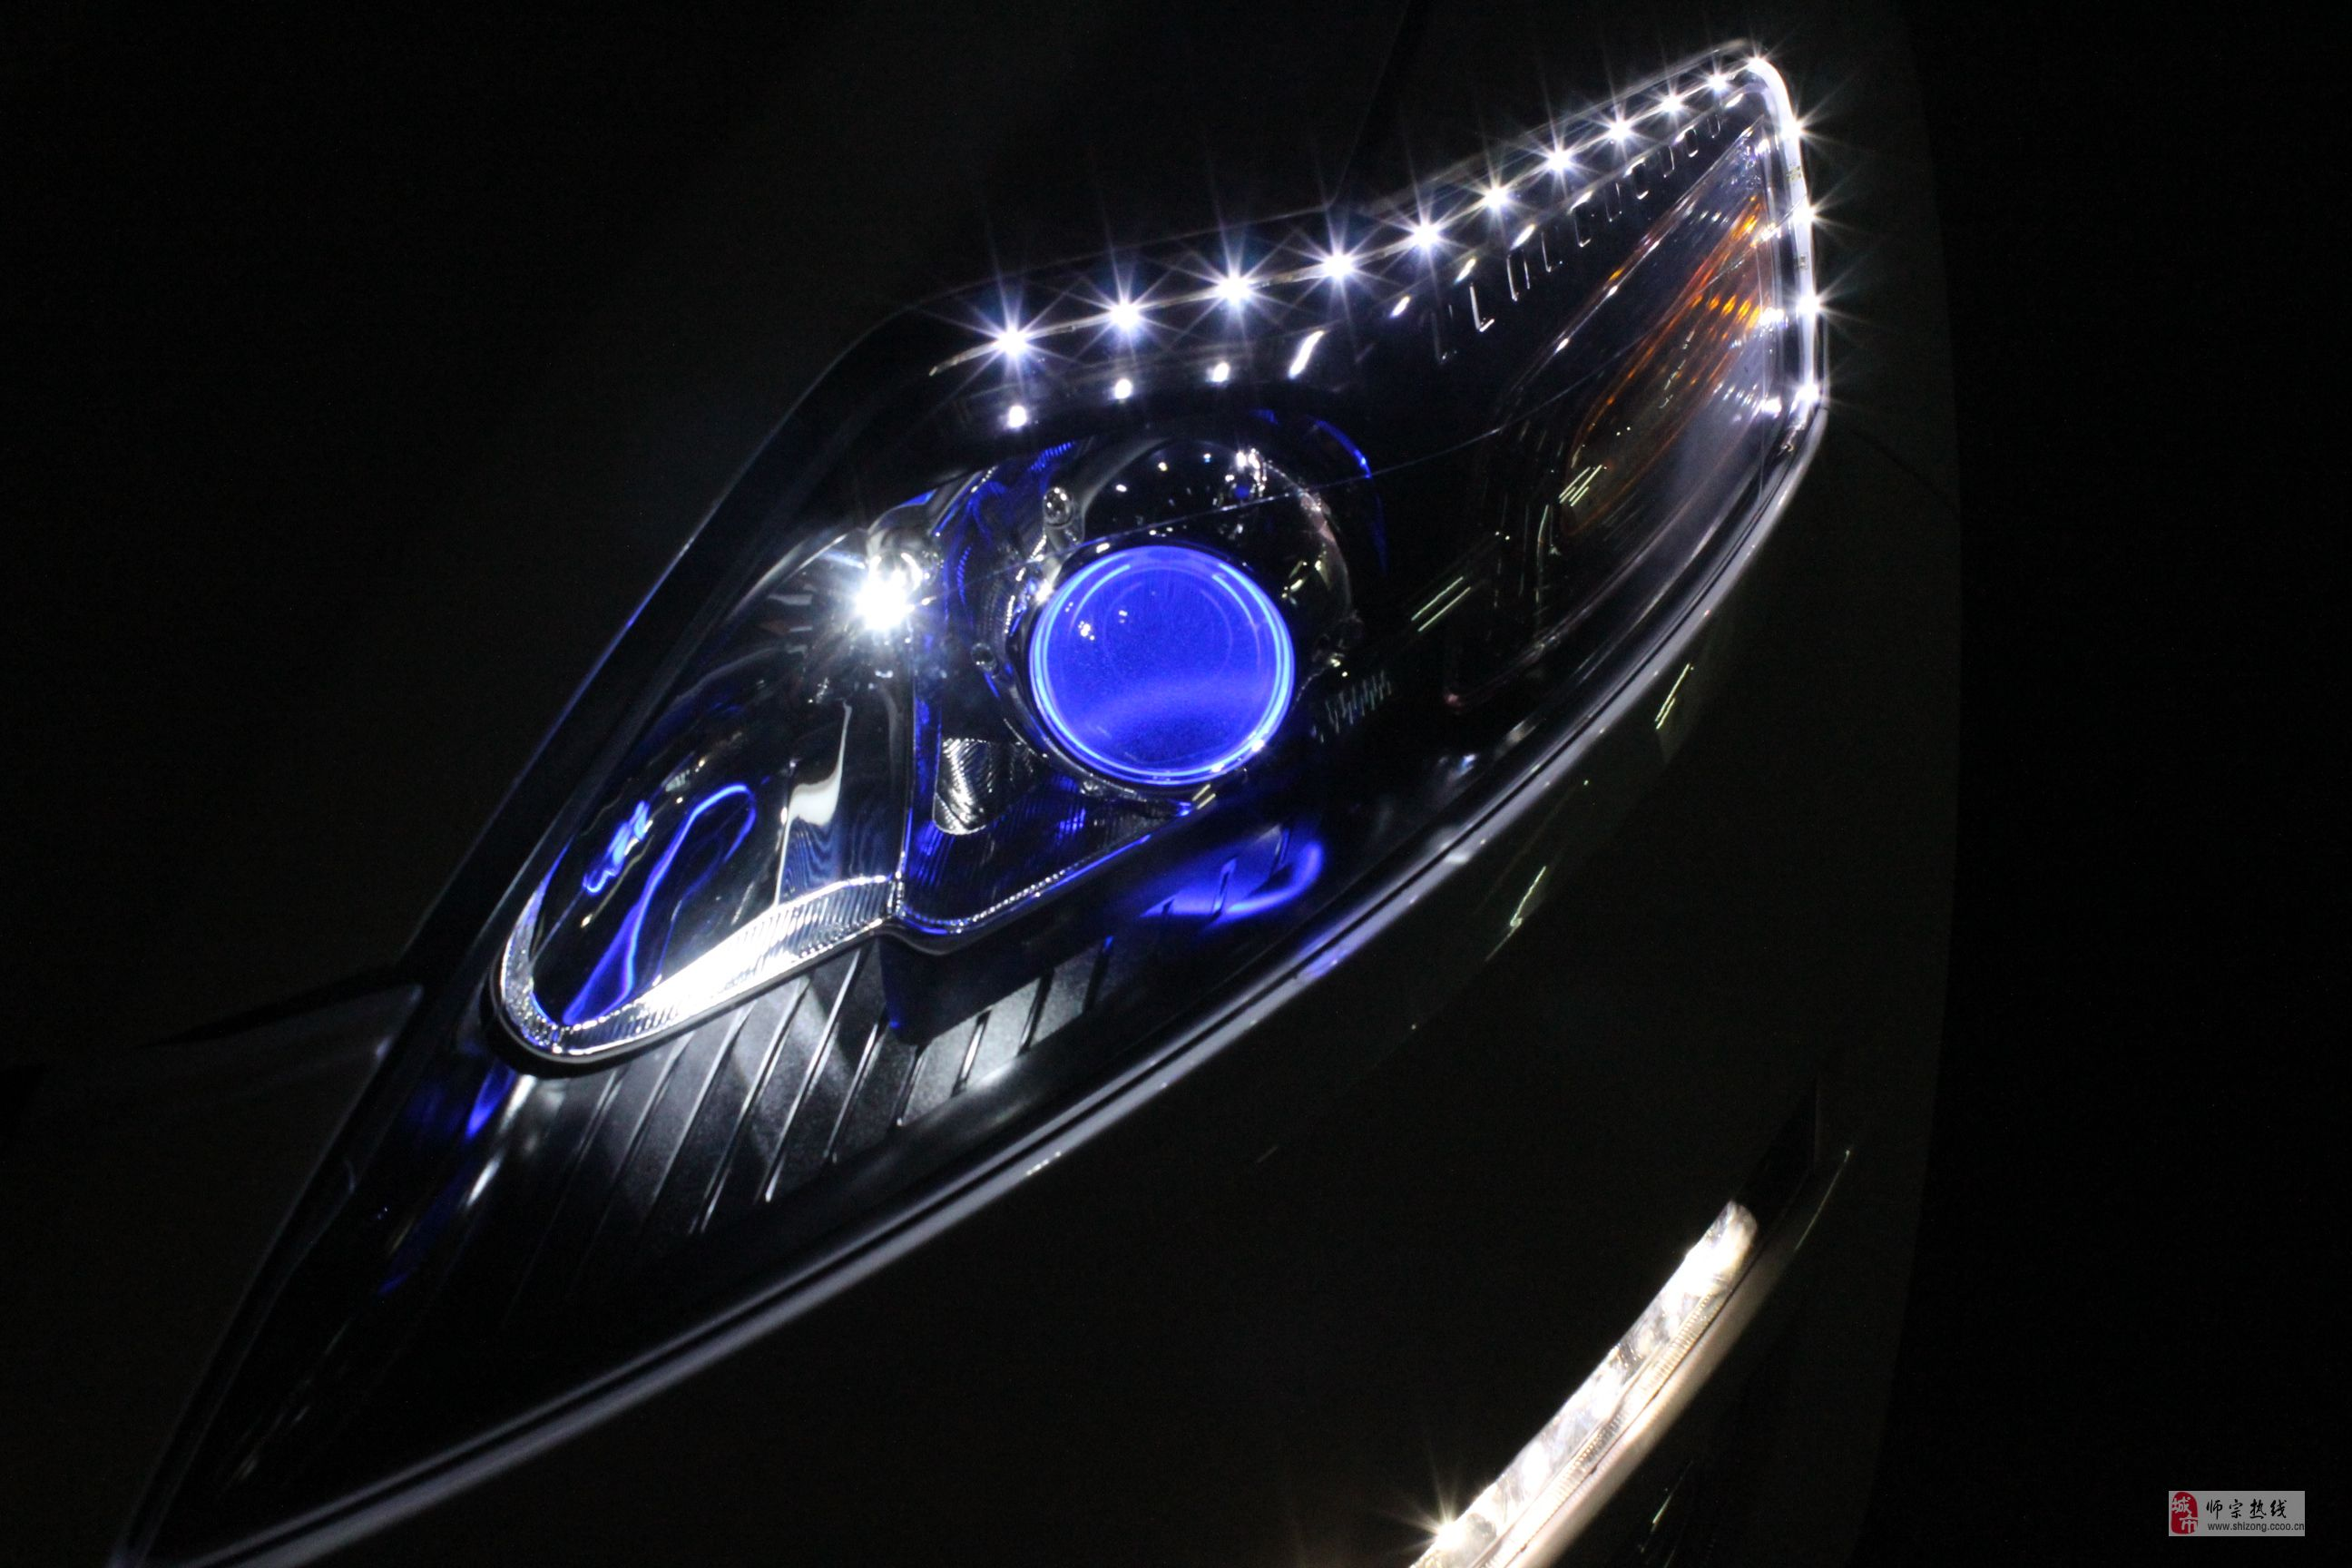 开关 灯光组合开关图解   汽车灯光使用图解   大众速腾汽车高清图片